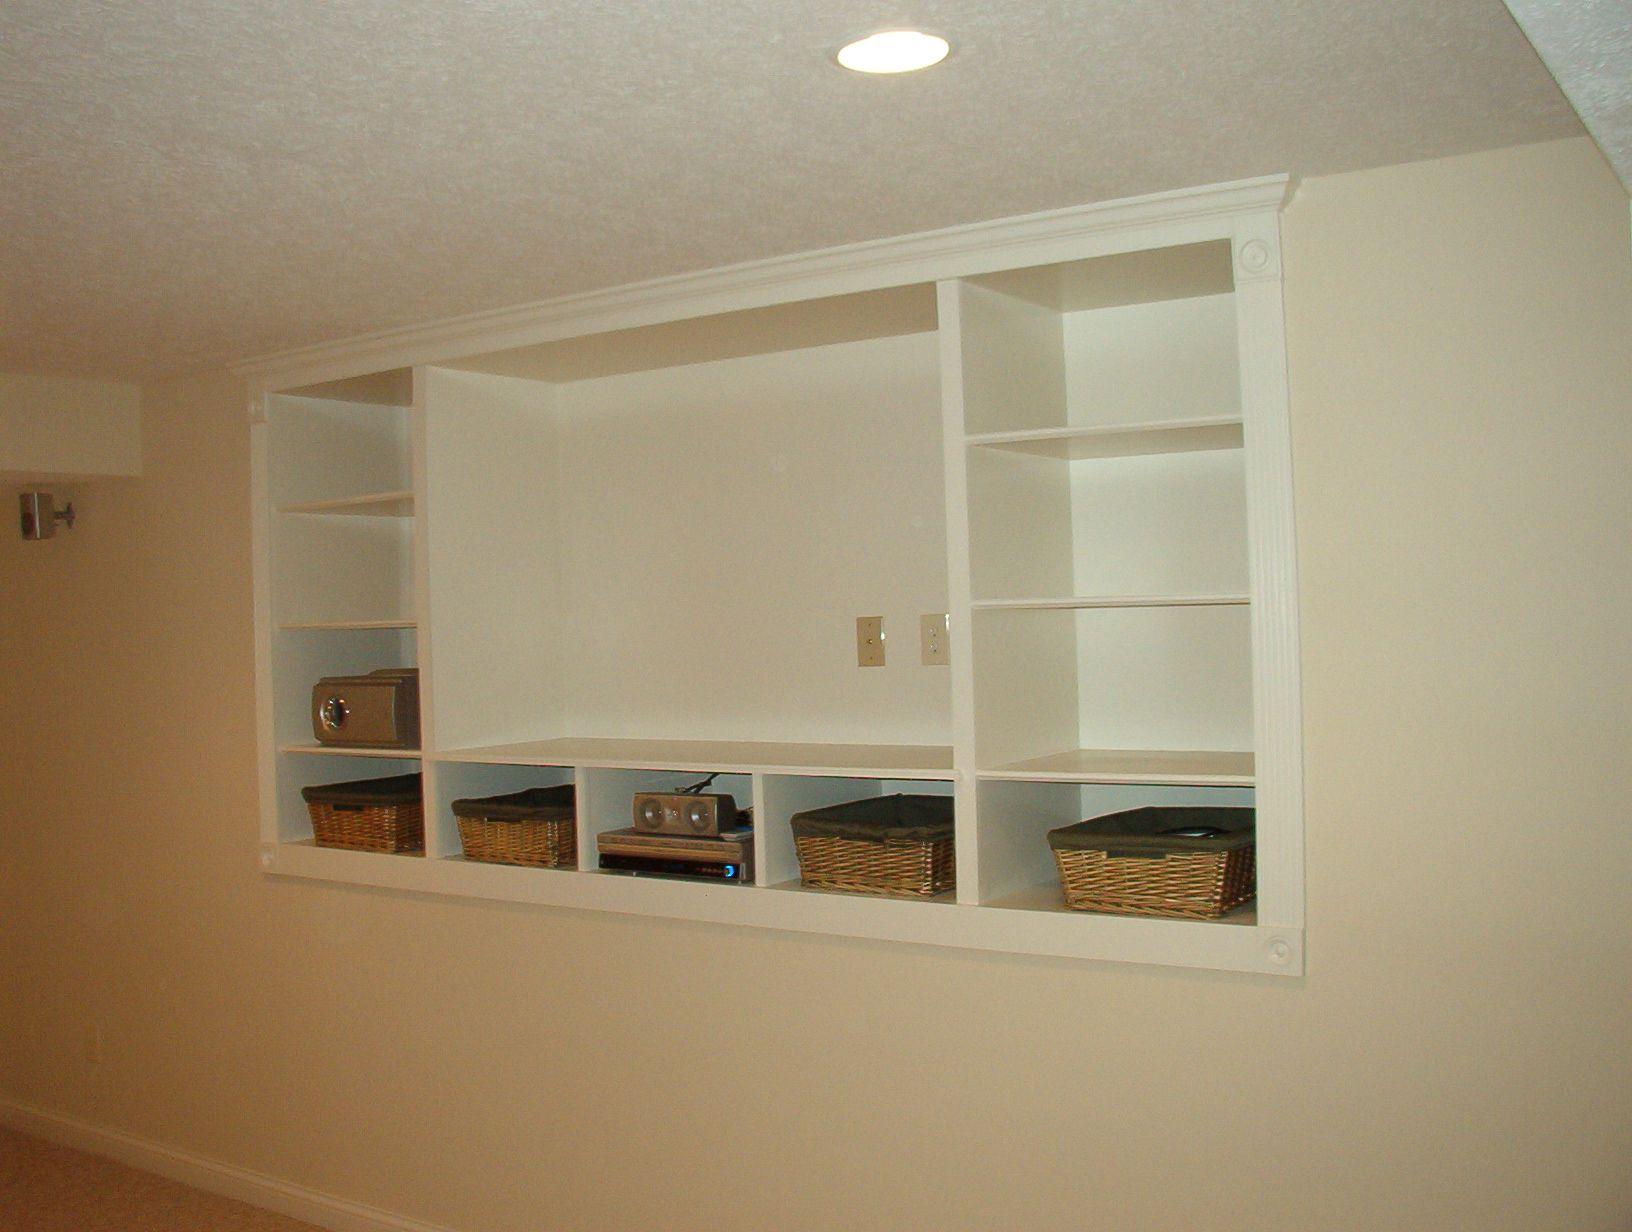 Finished Basement Storage Ideas Gorgeous Inspiration Design